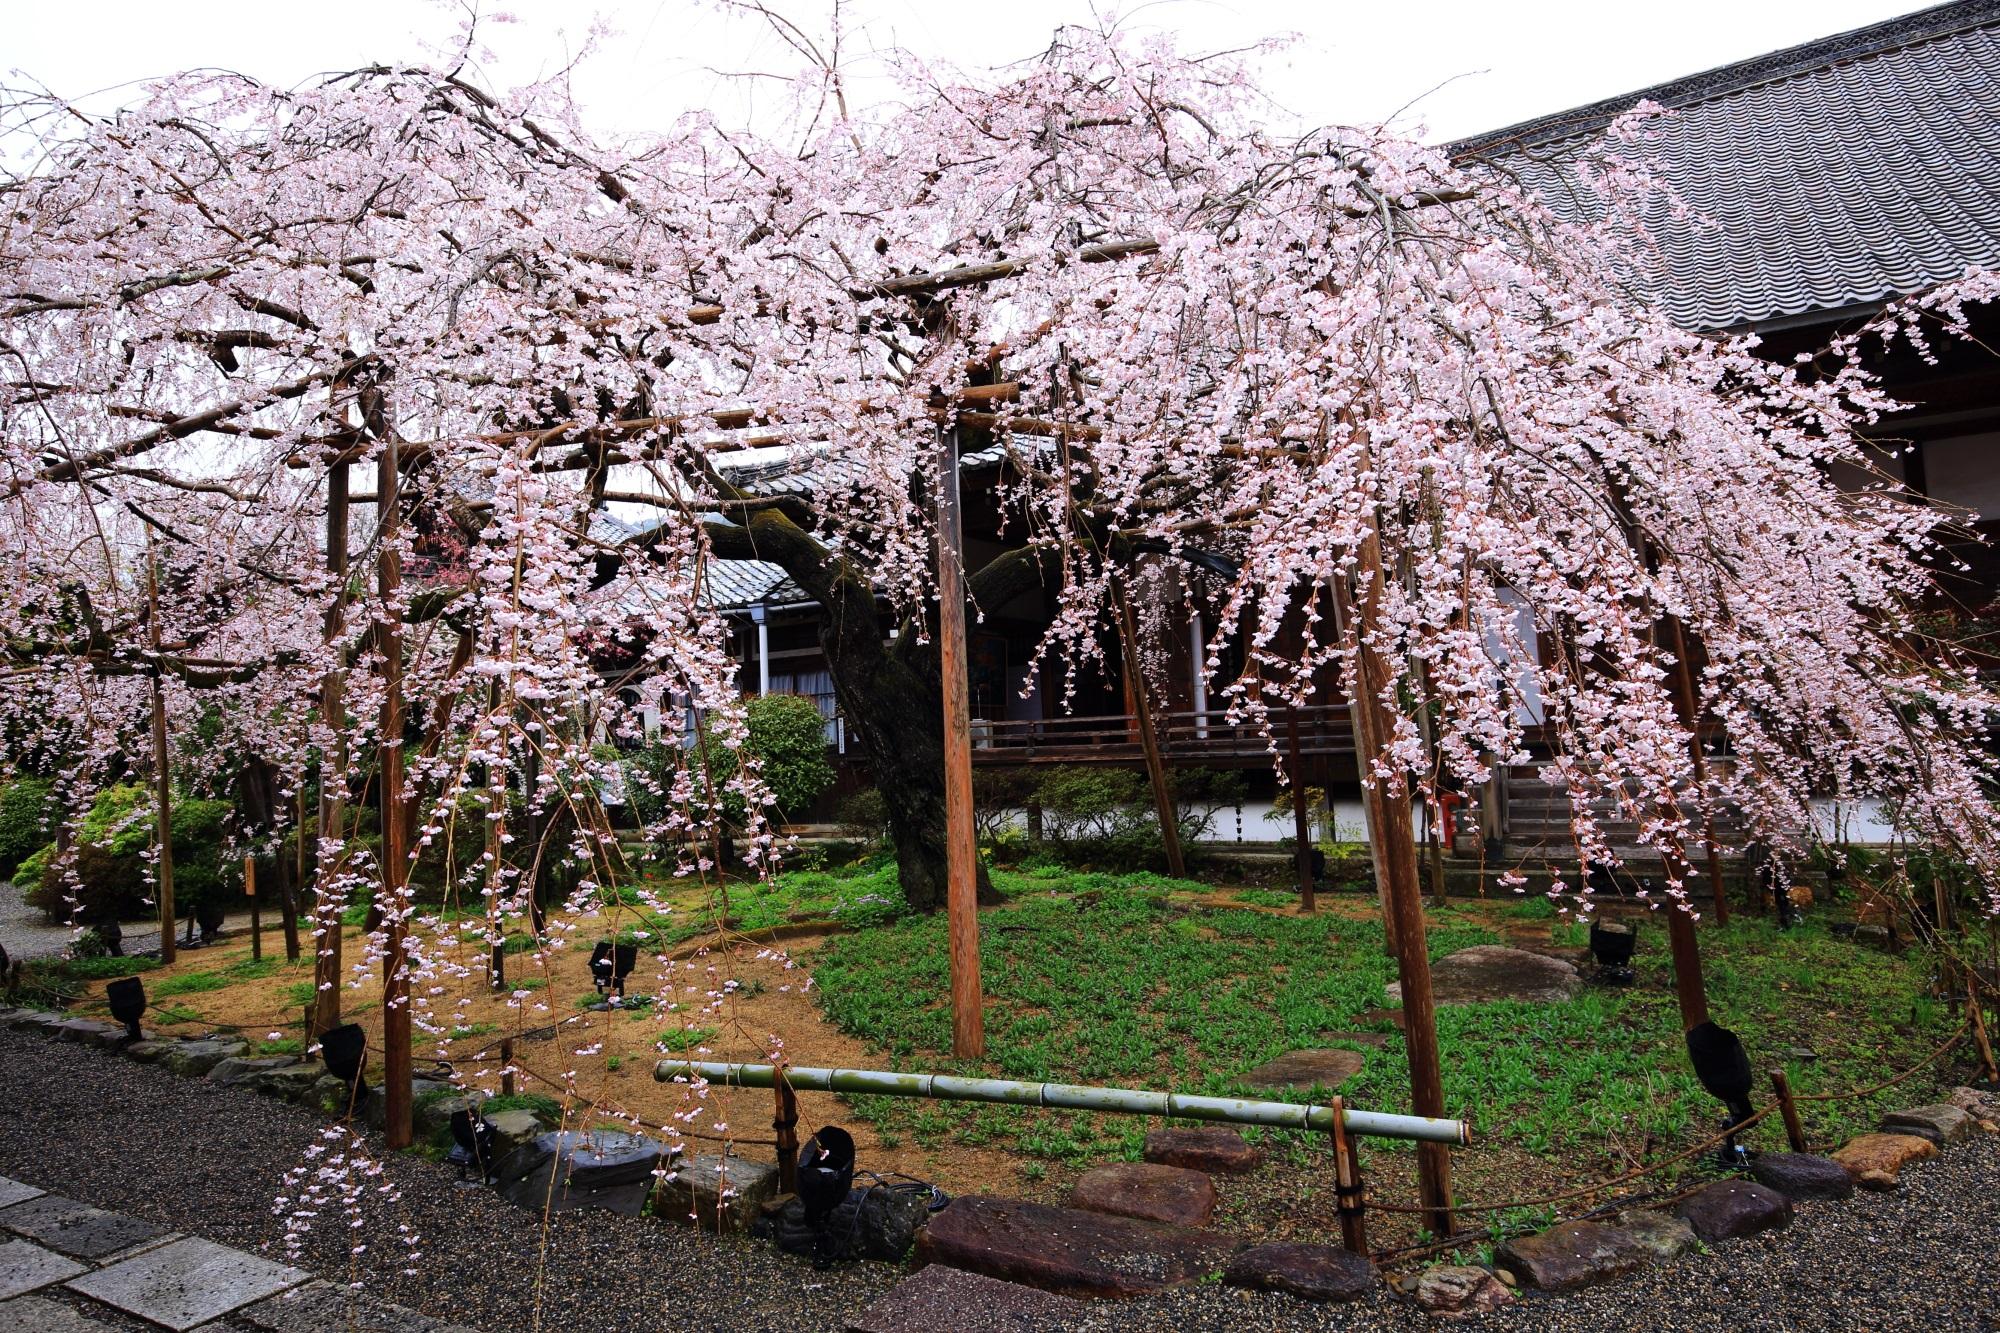 般若桜という名前がついた毘沙門堂のしだれ桜